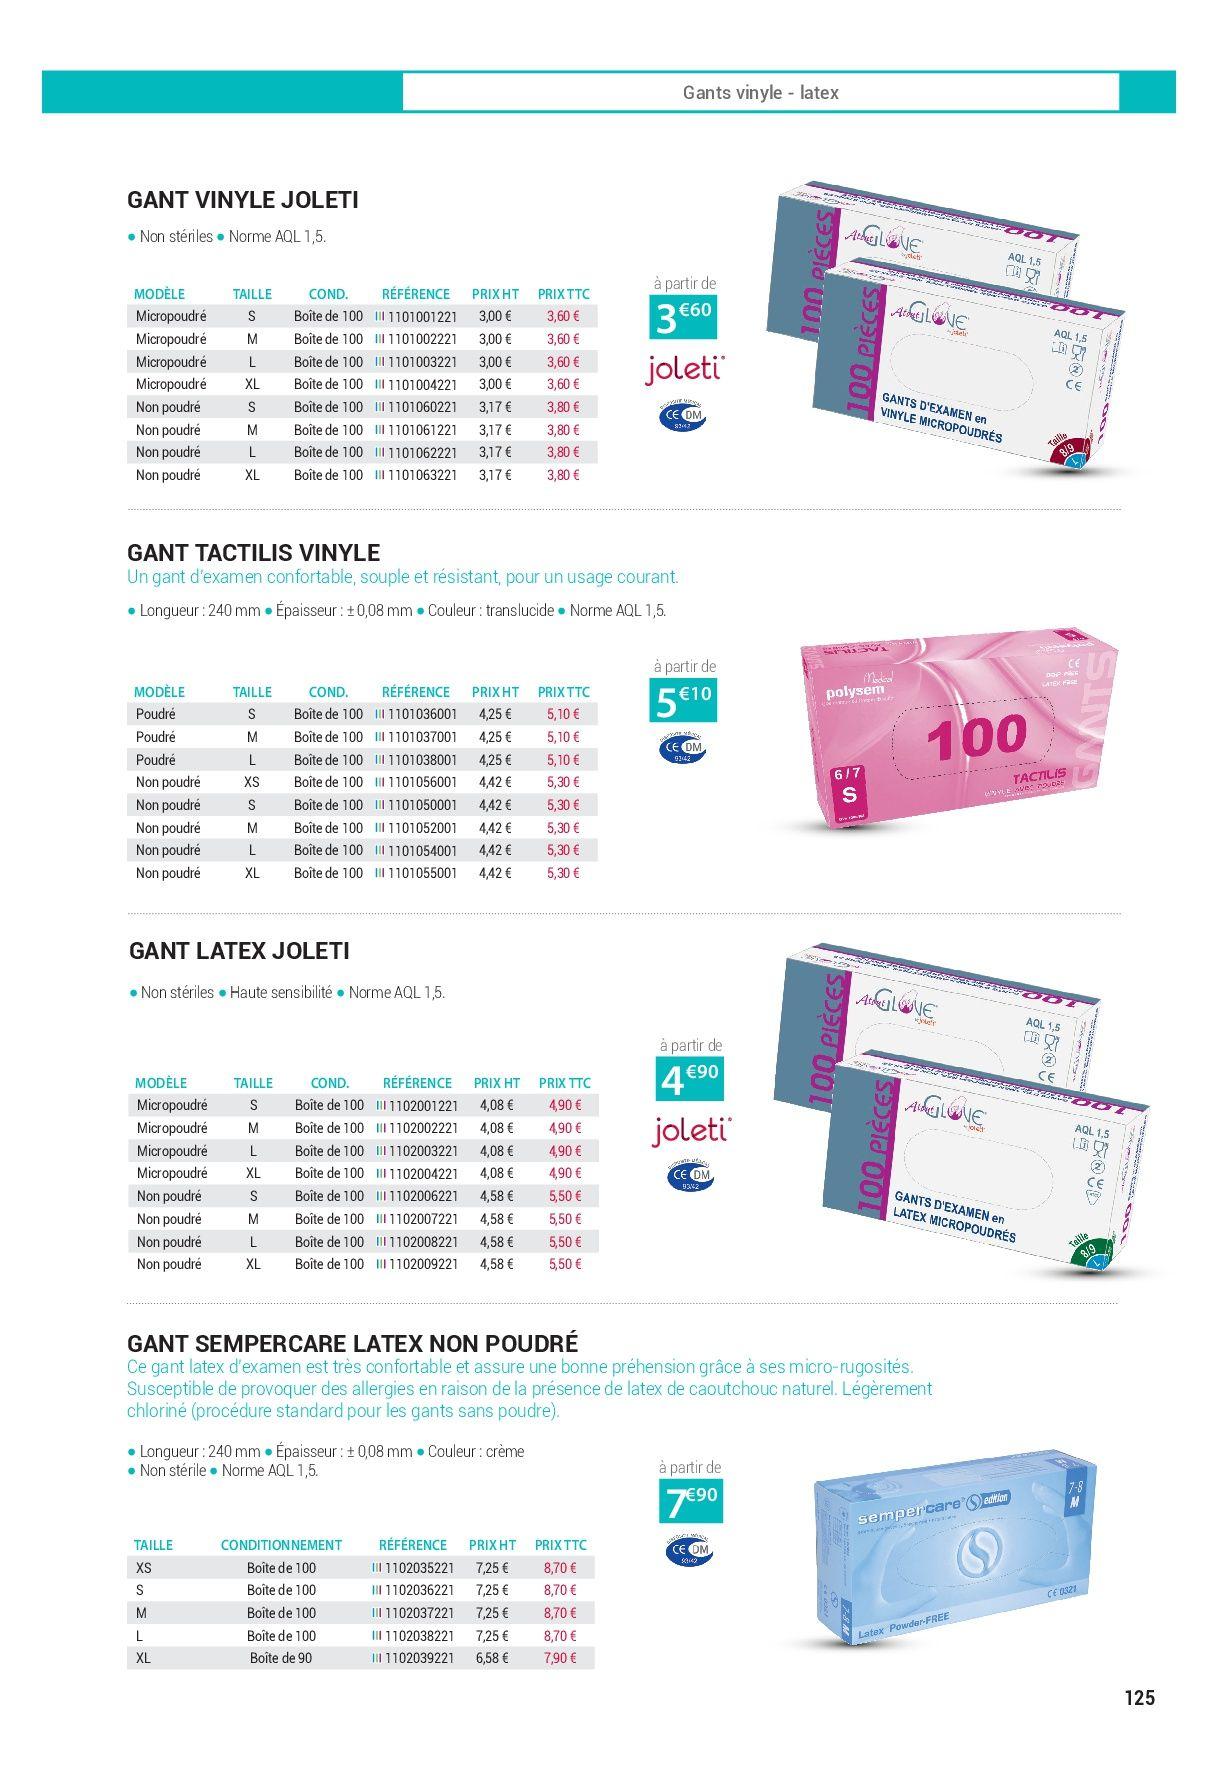 Catalogue matériel médical professionnels 2017 - Page 125. Retrouvez la meilleure offre de matériel médical : vente et location pour professionnels.